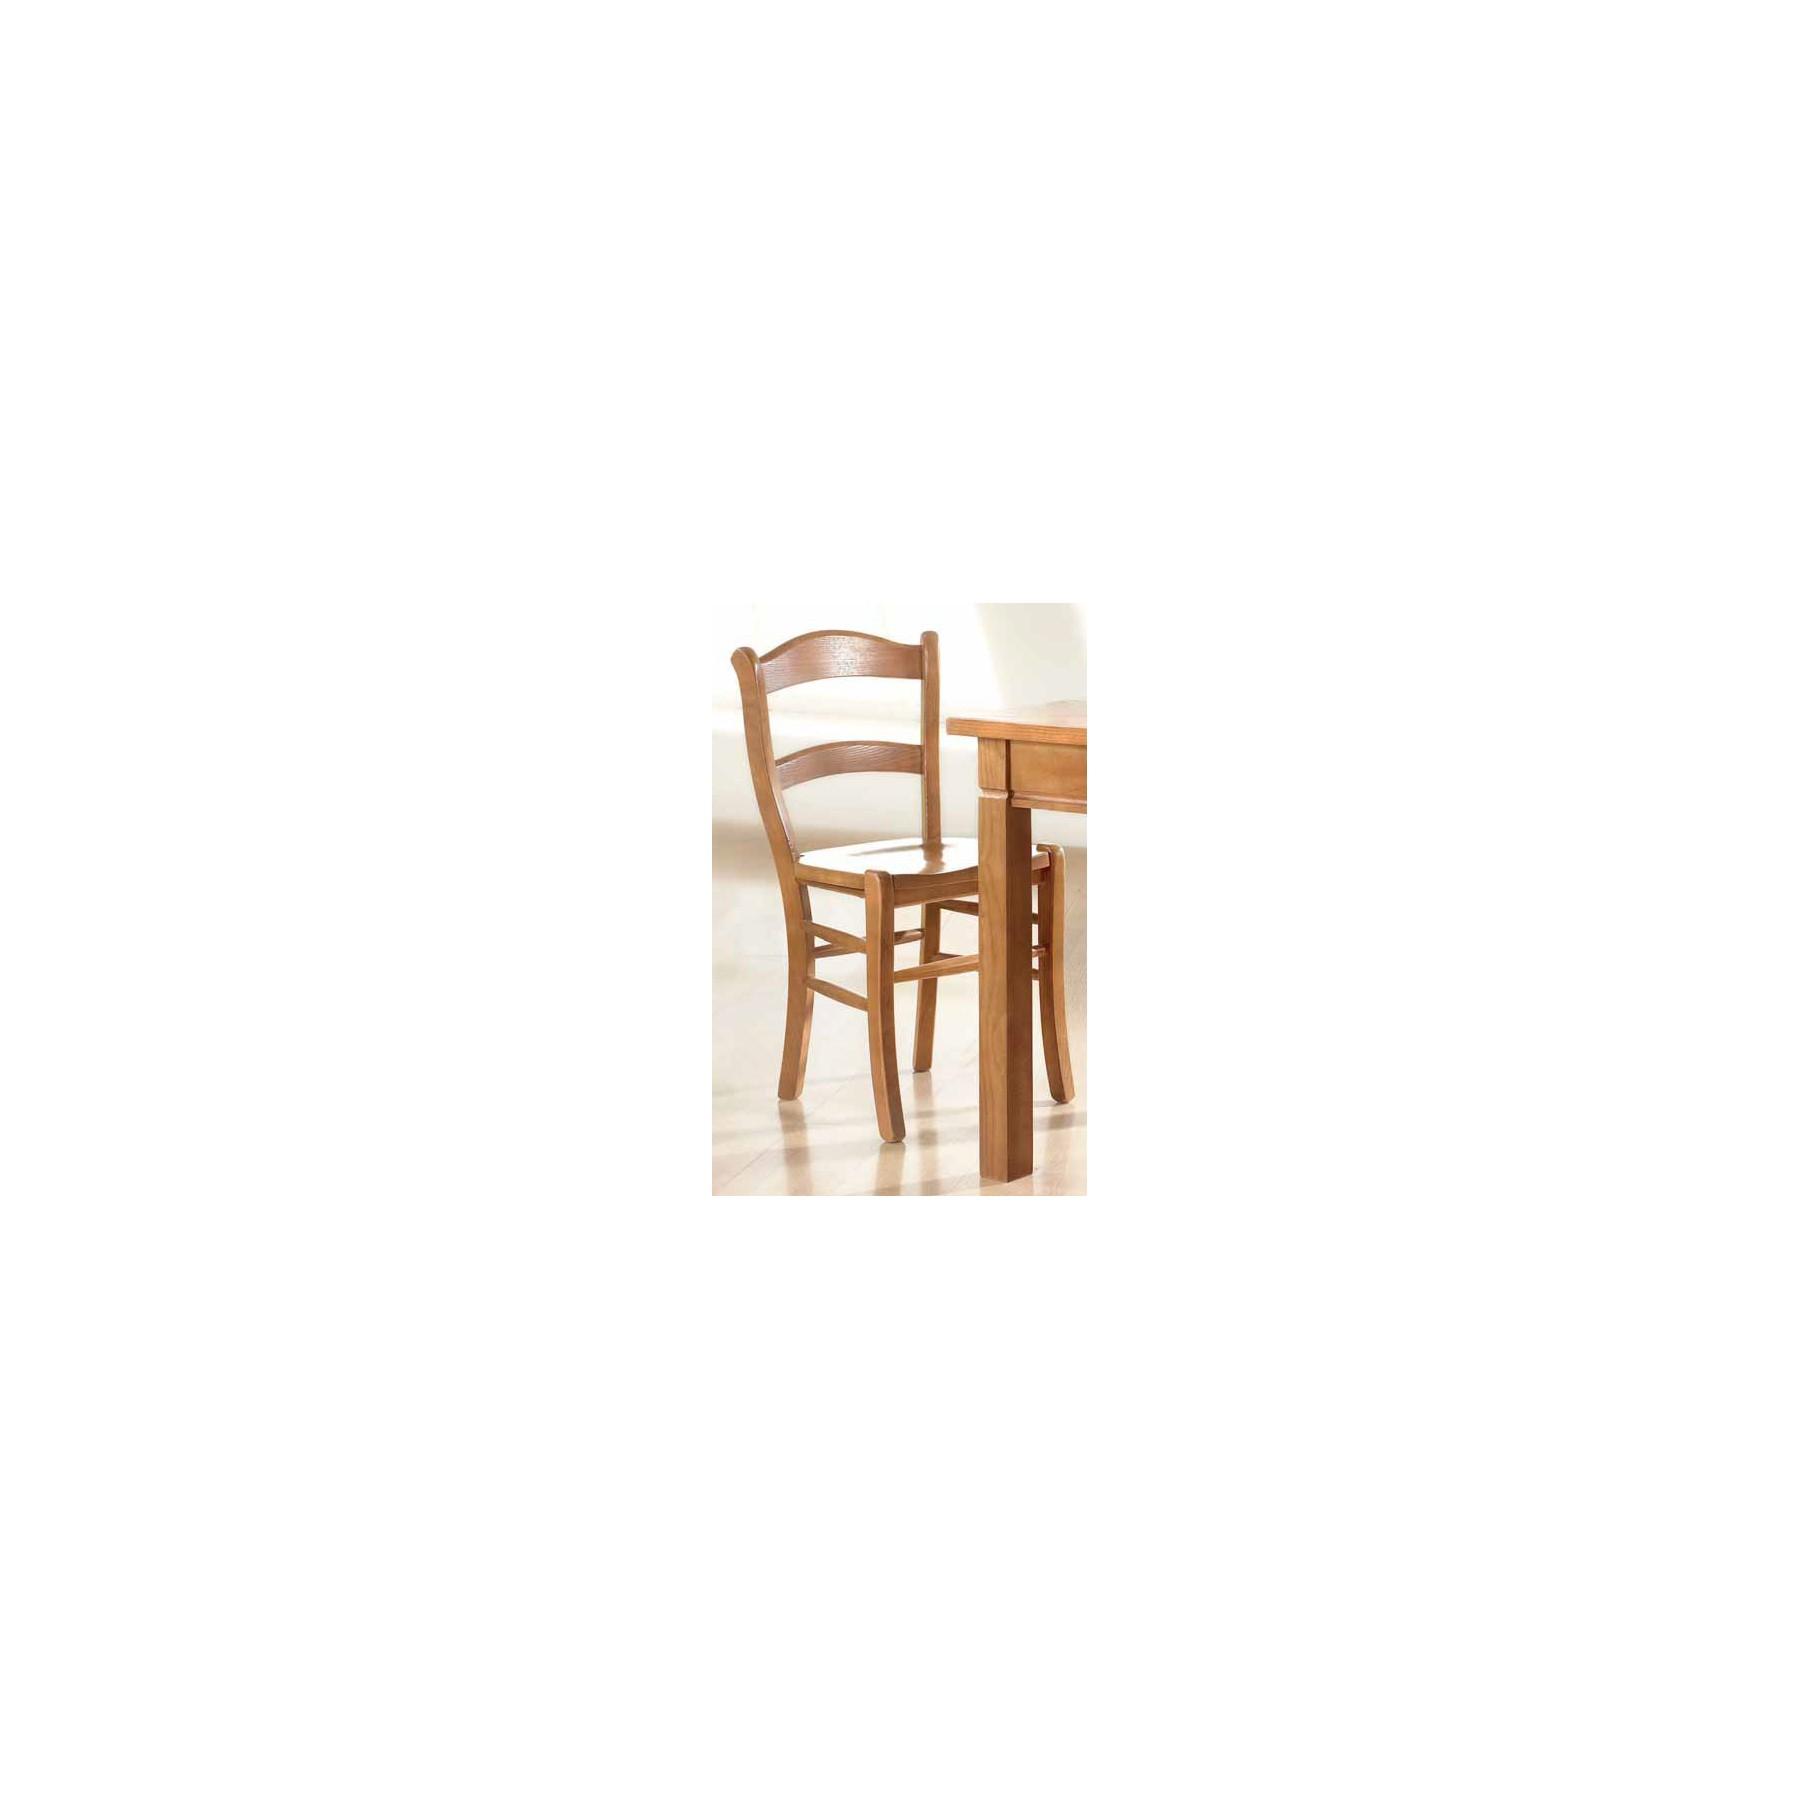 Mesas y sillas de cocina de madera unidades mesa y silla for Mesas y sillas blancas de madera